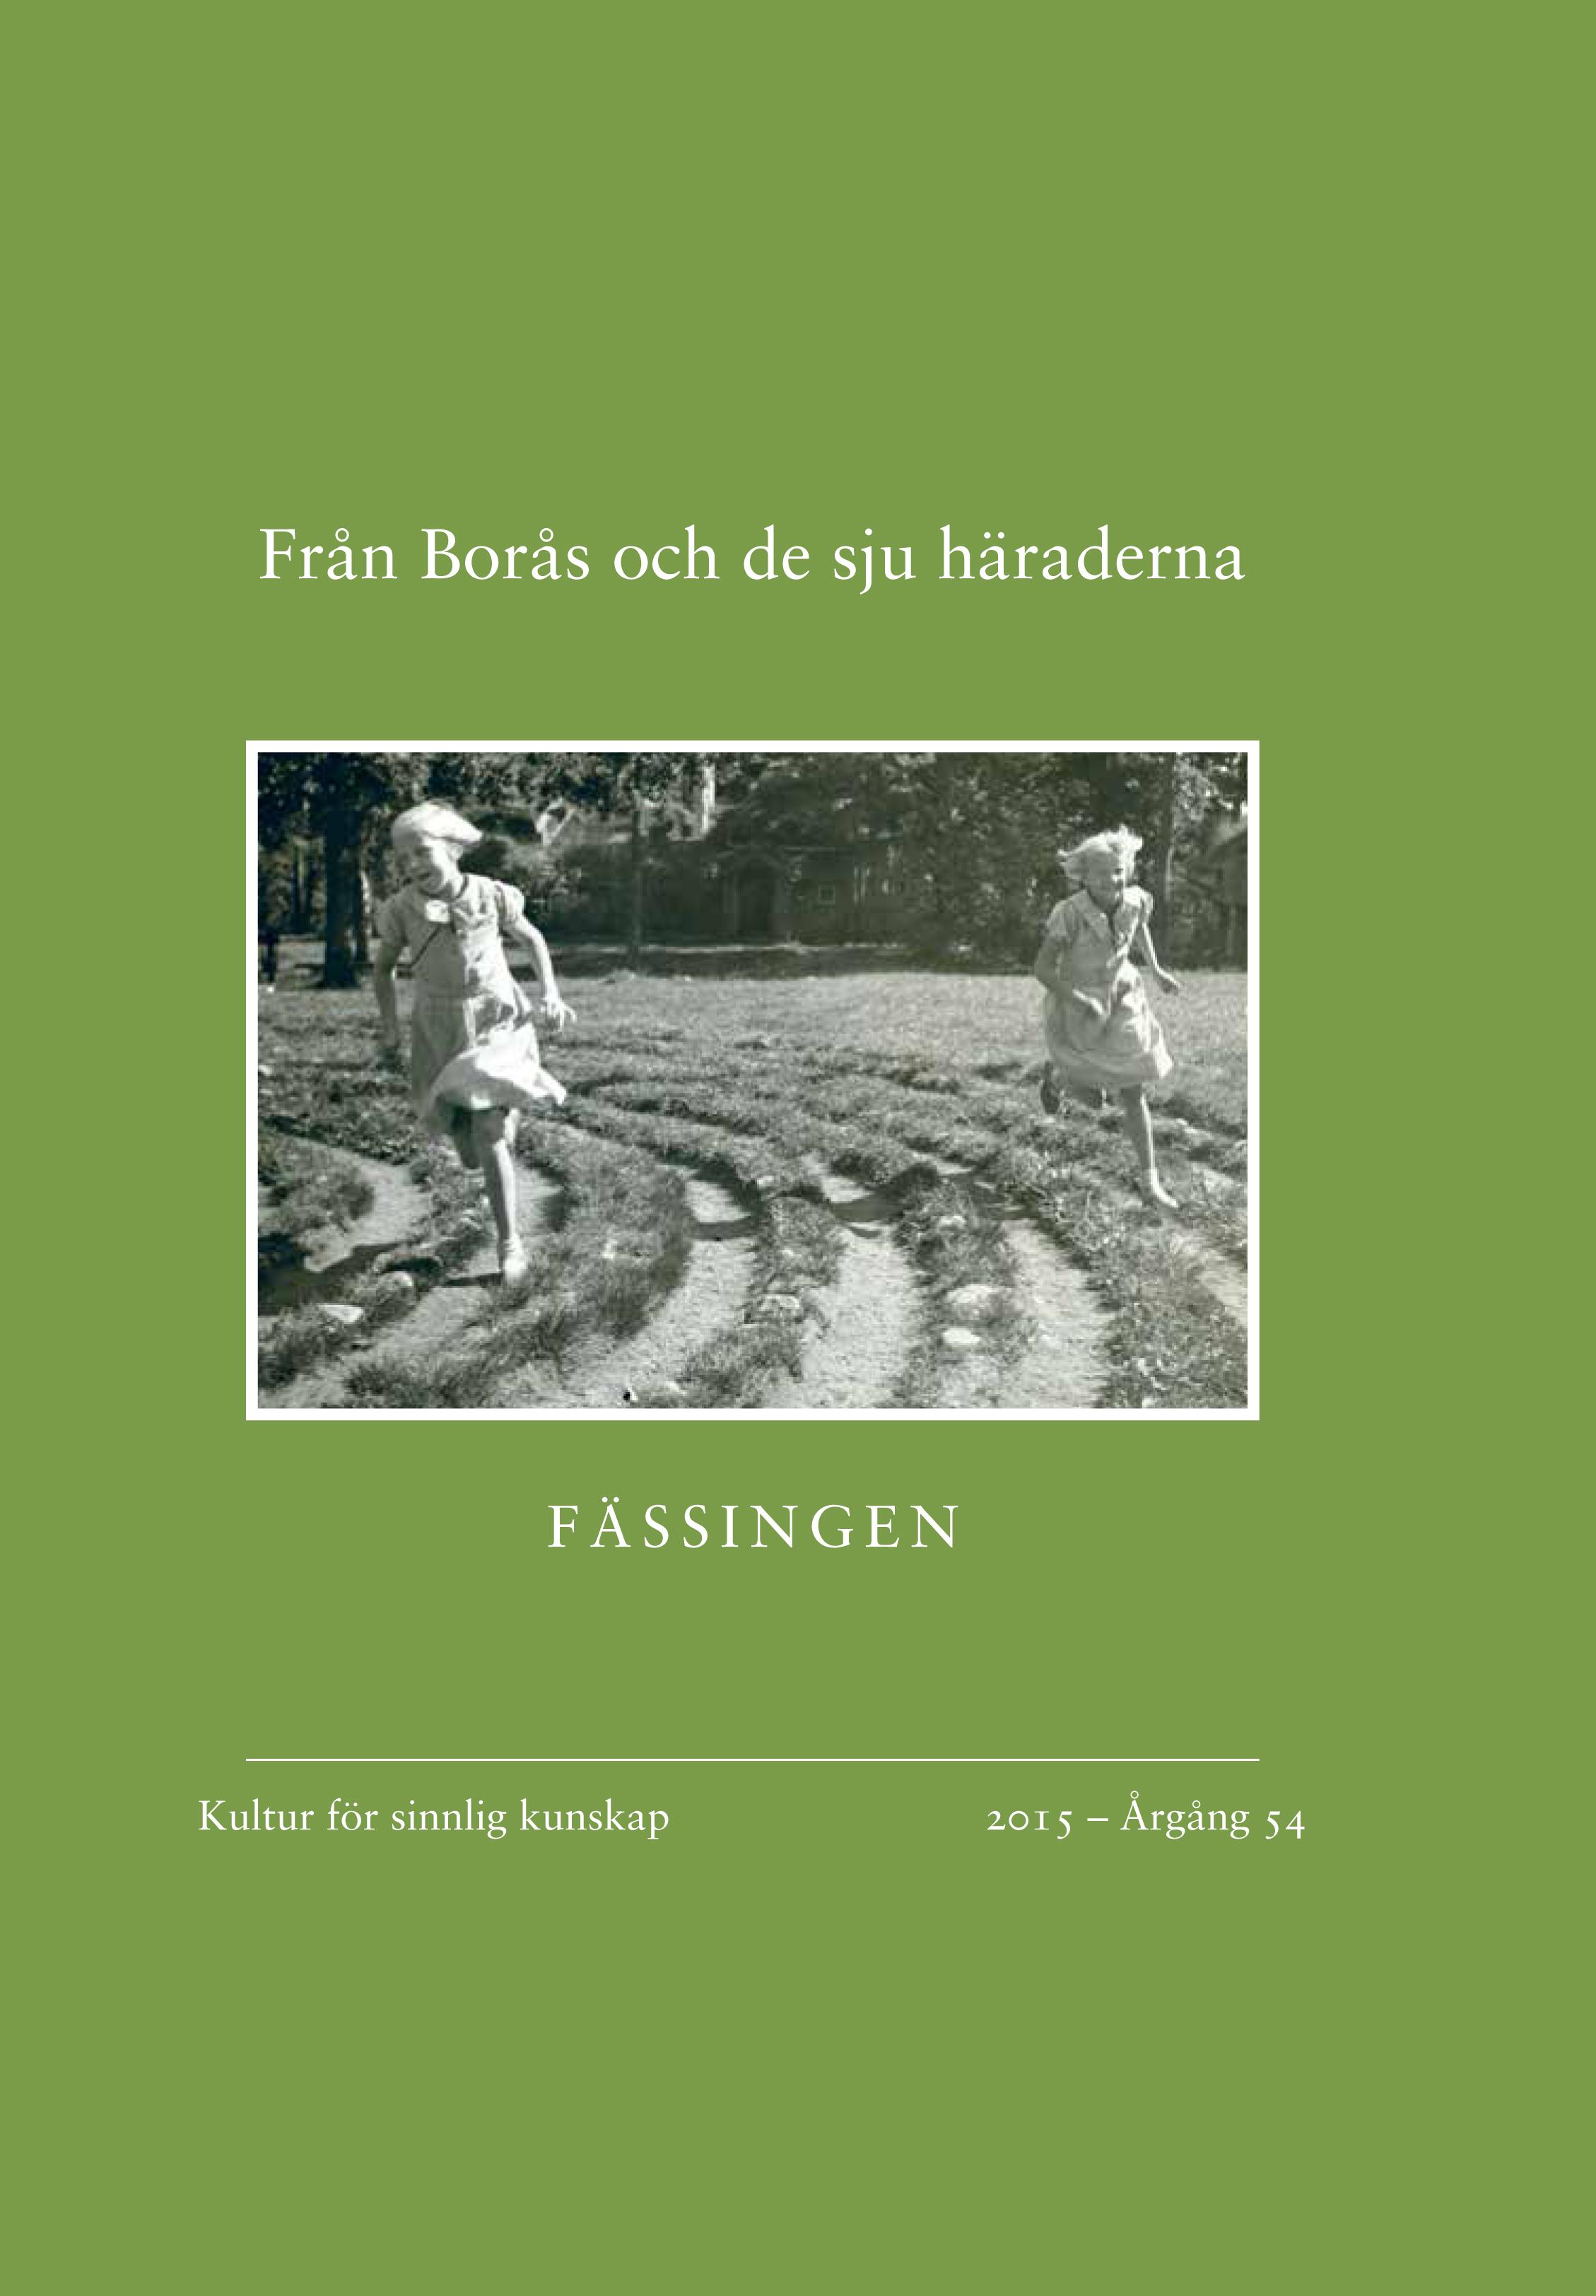 Bild omslaget Fässingen